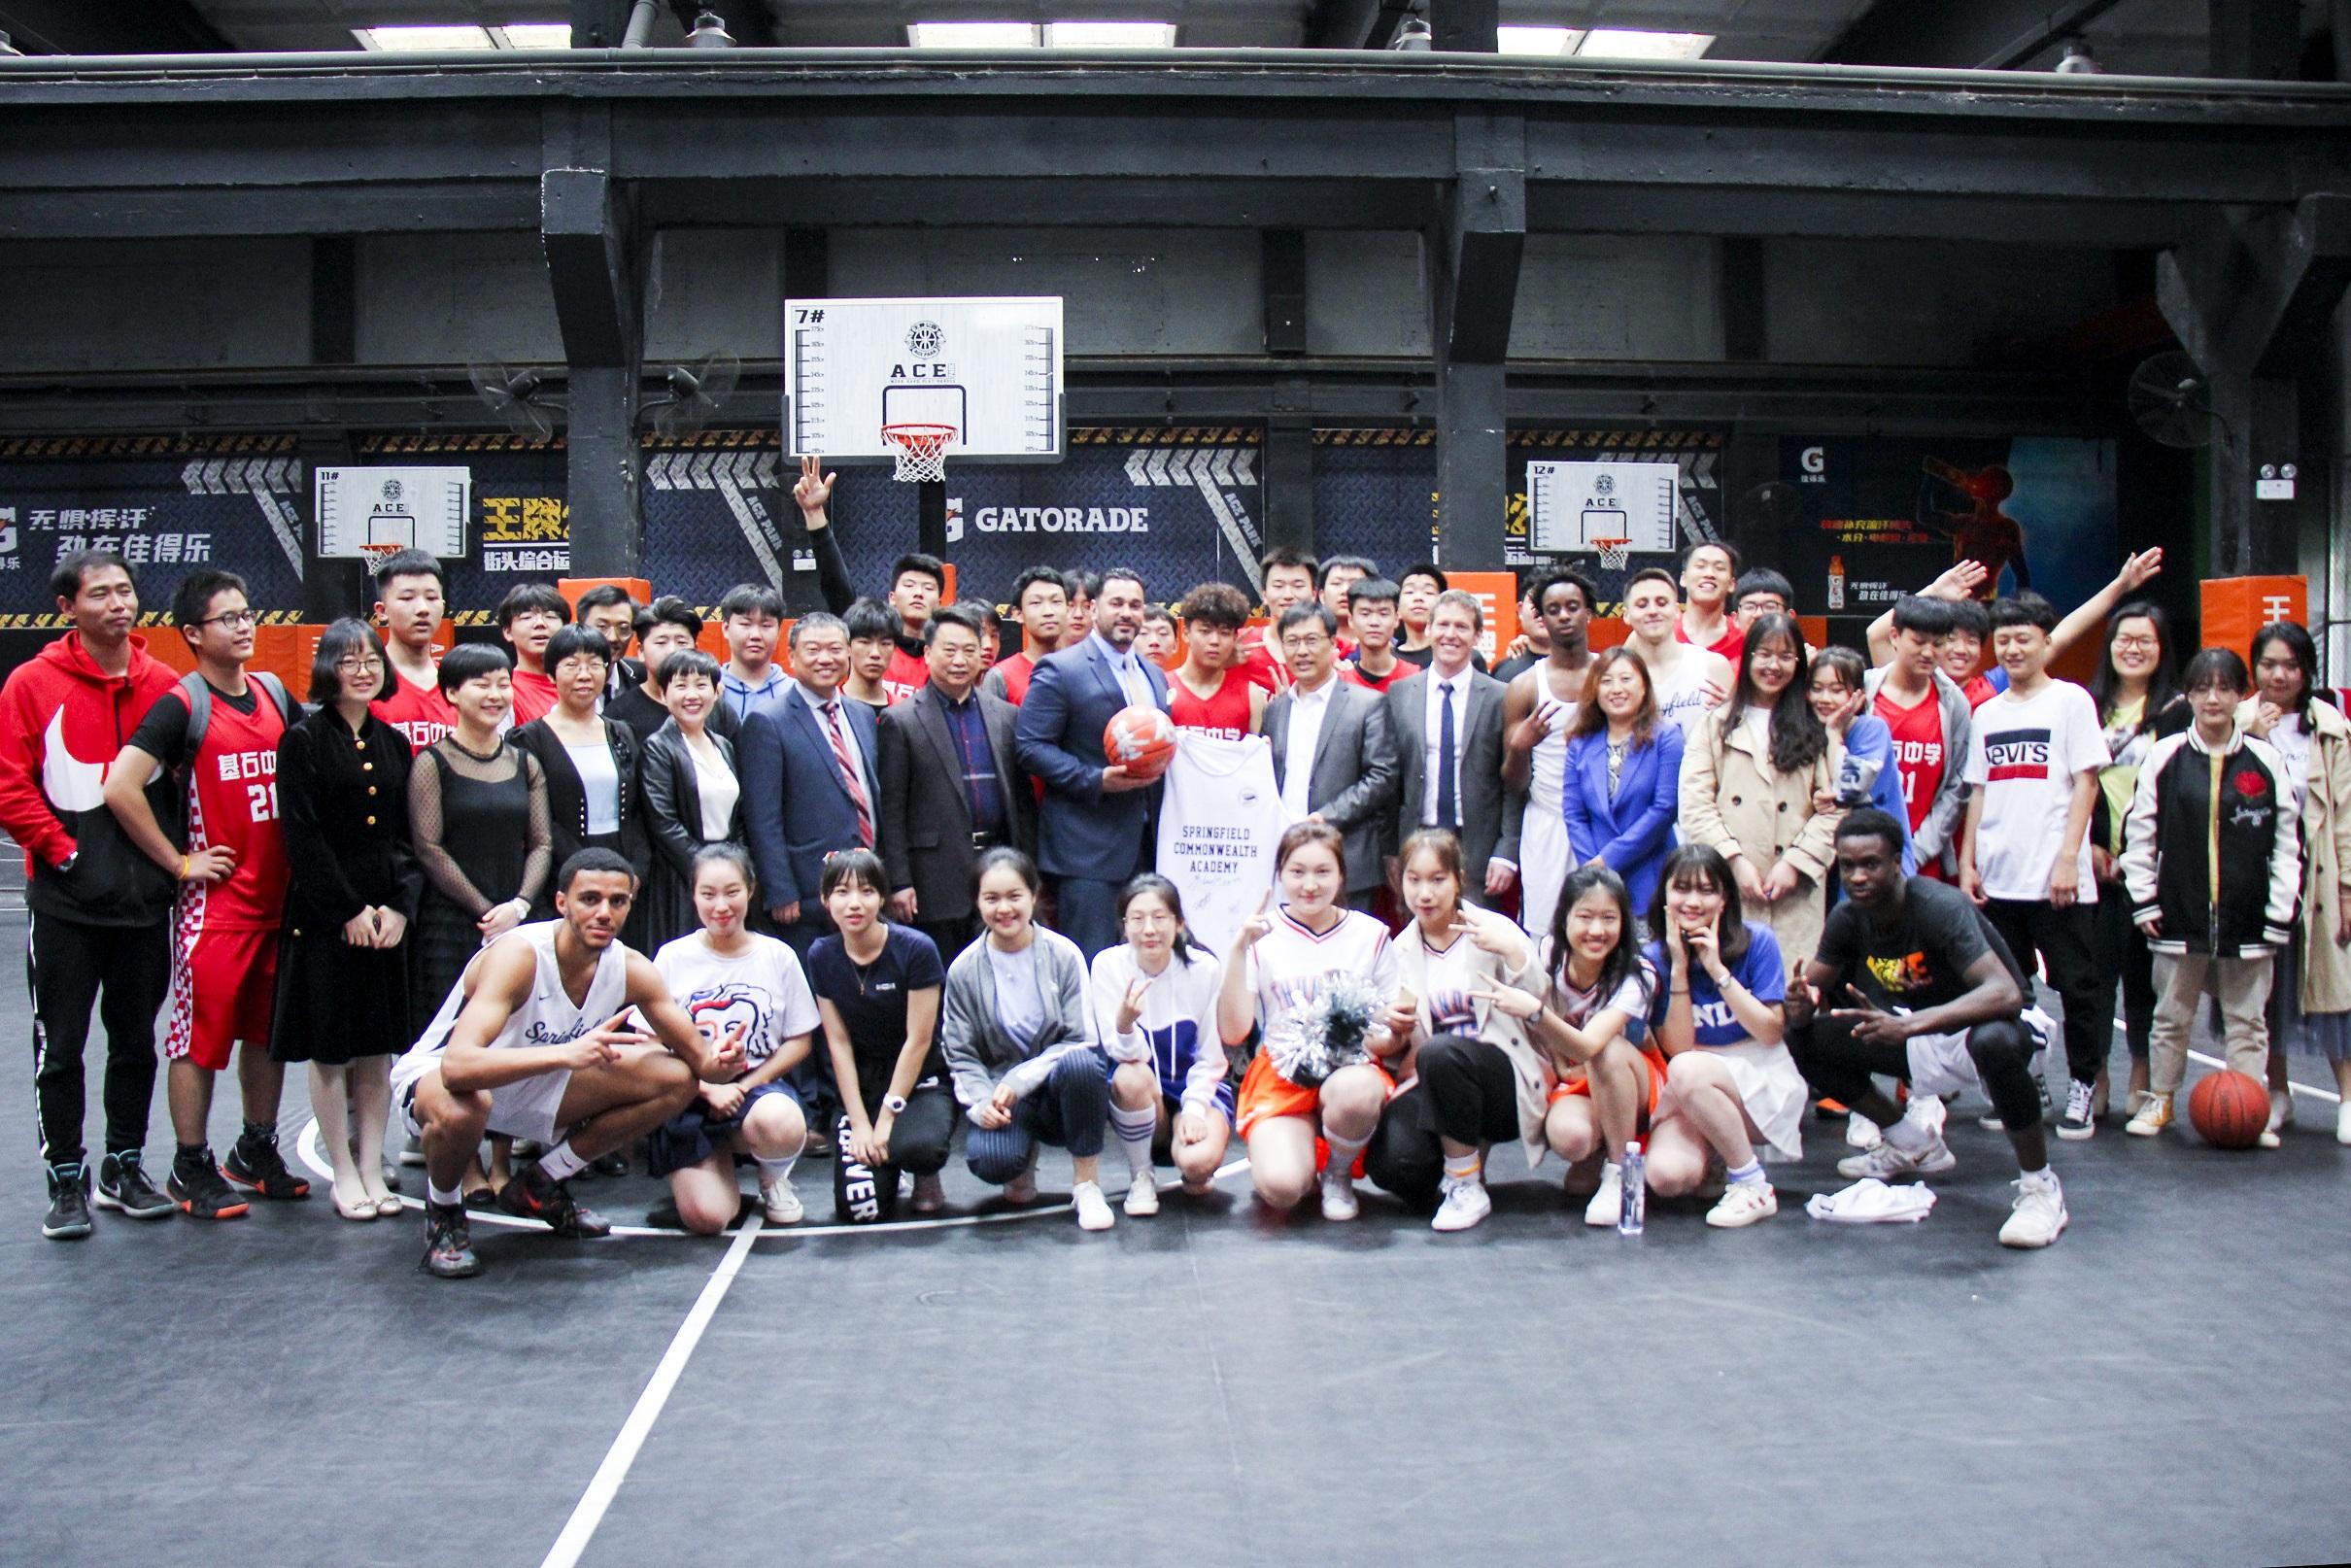 中美高中生篮球友谊赛合影